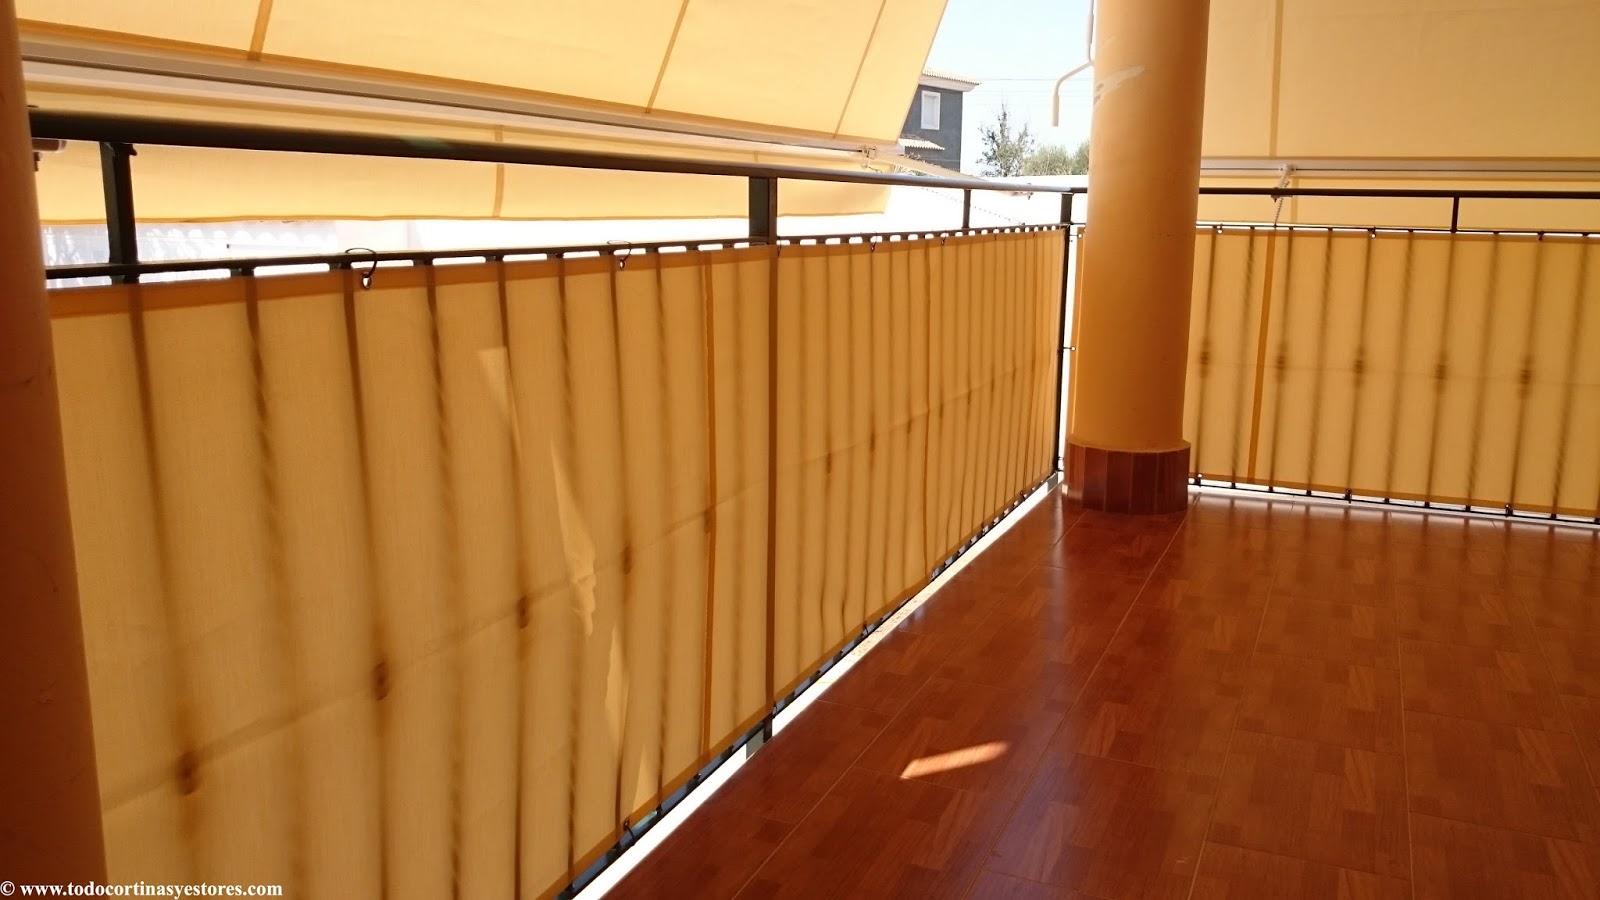 Decoracion interior cortinas verticales estores - Tapar barandilla balcon ...